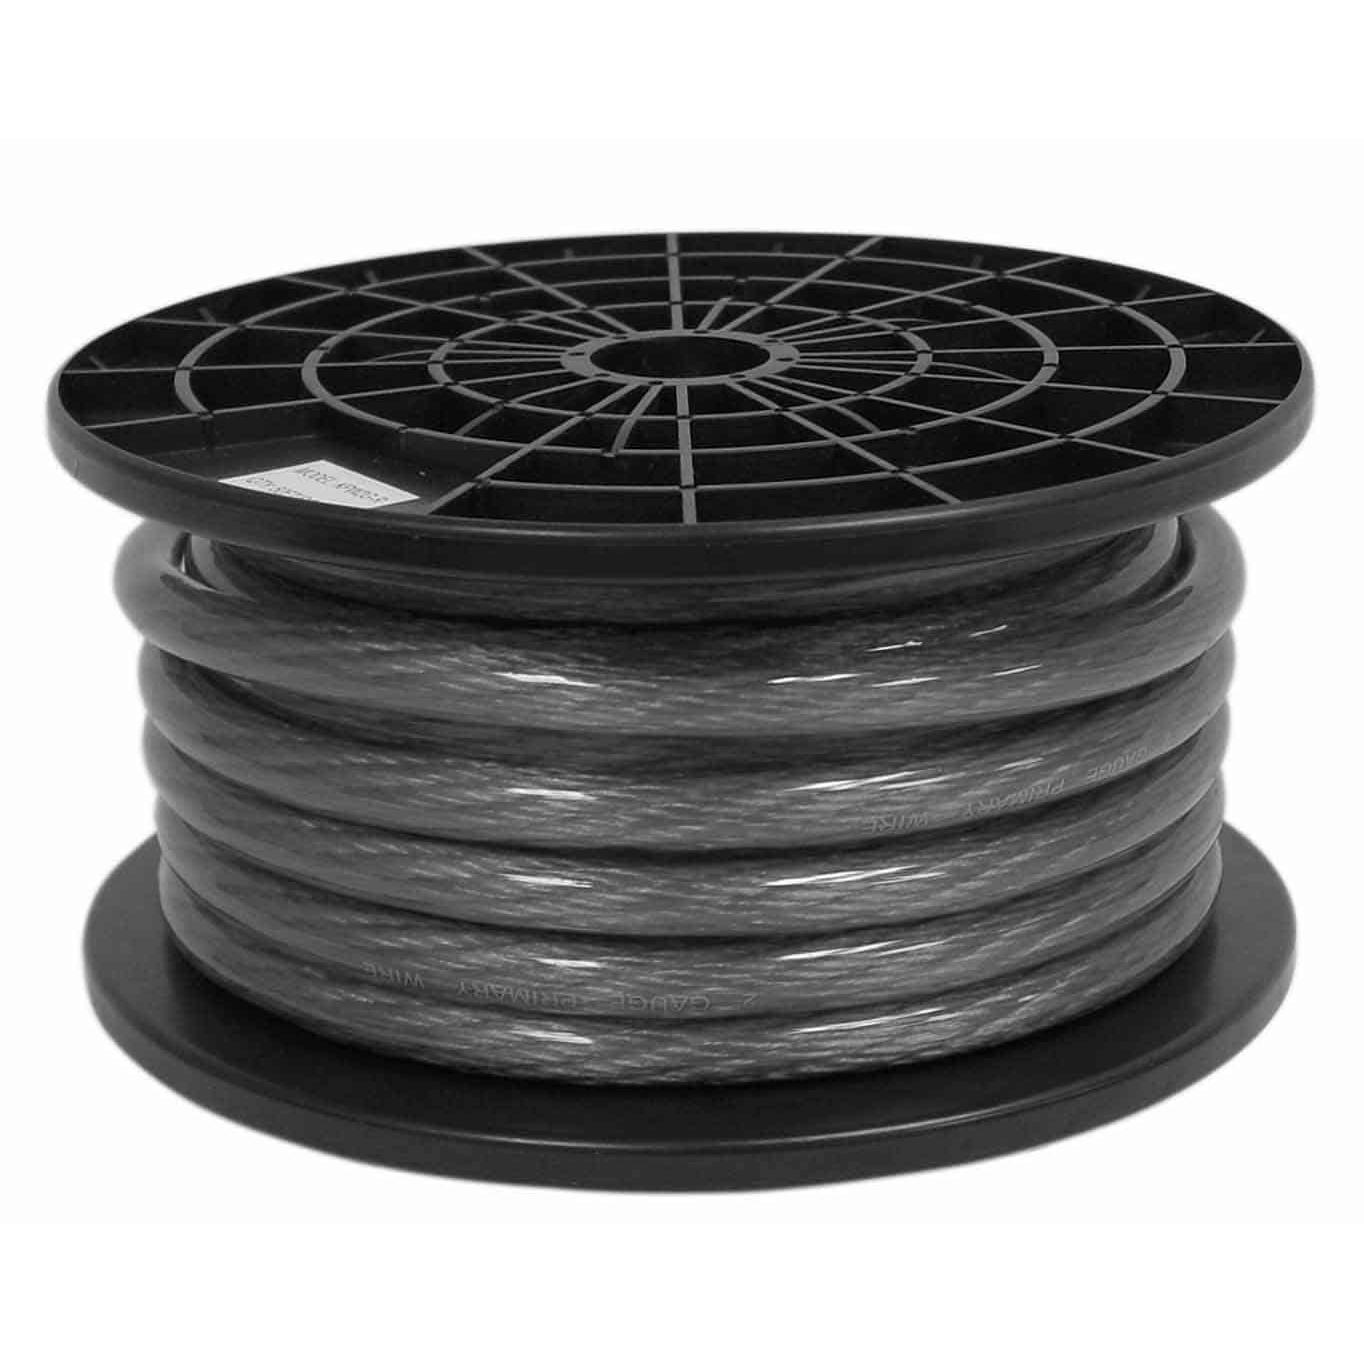 KPW2G-B - Kalibur 2 Gauge Power Wire (Black) 50\' Roll